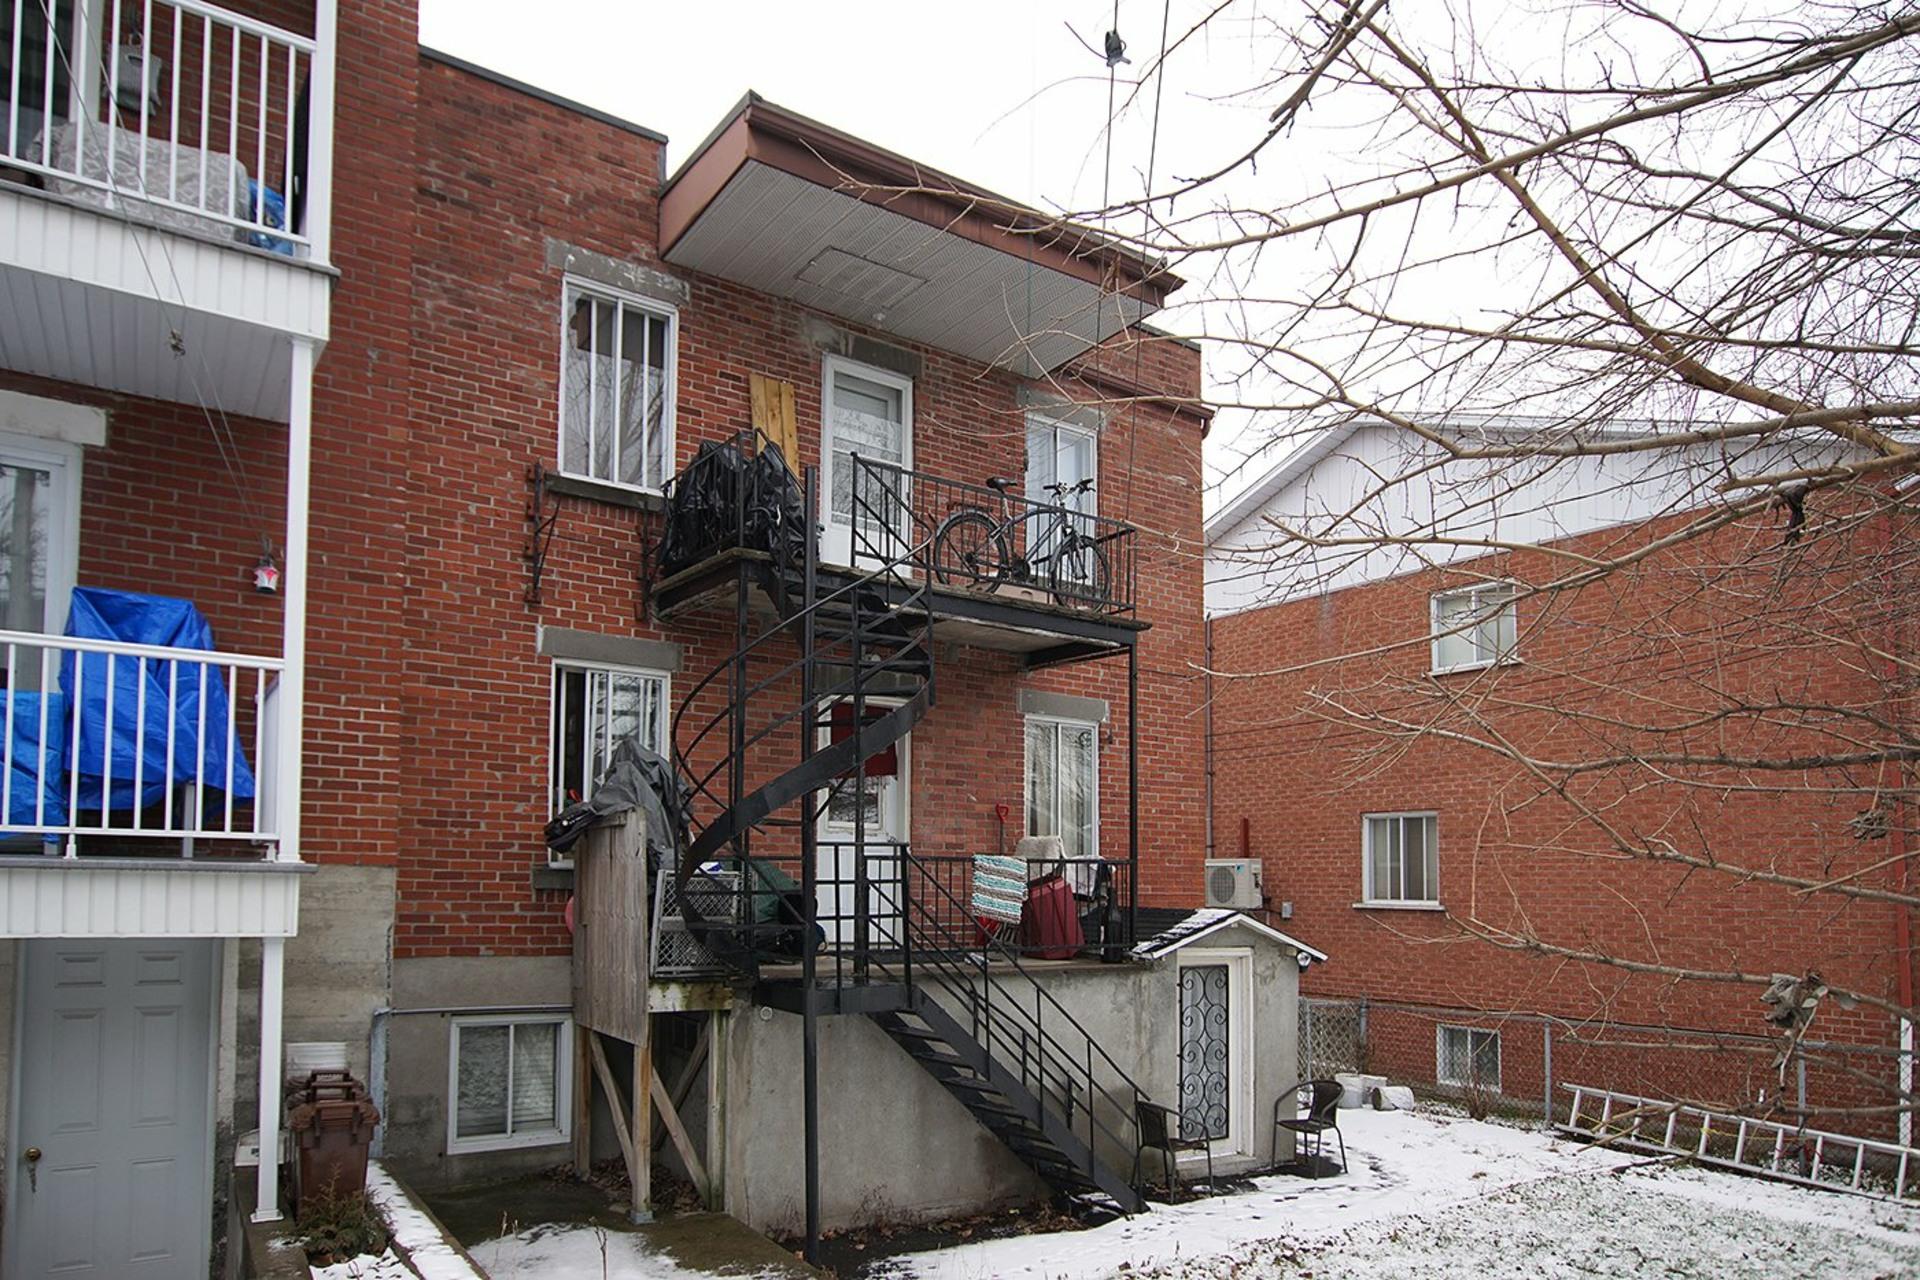 image 43 - Duplex For sale Rivière-des-Prairies/Pointe-aux-Trembles Montréal  - 4 rooms